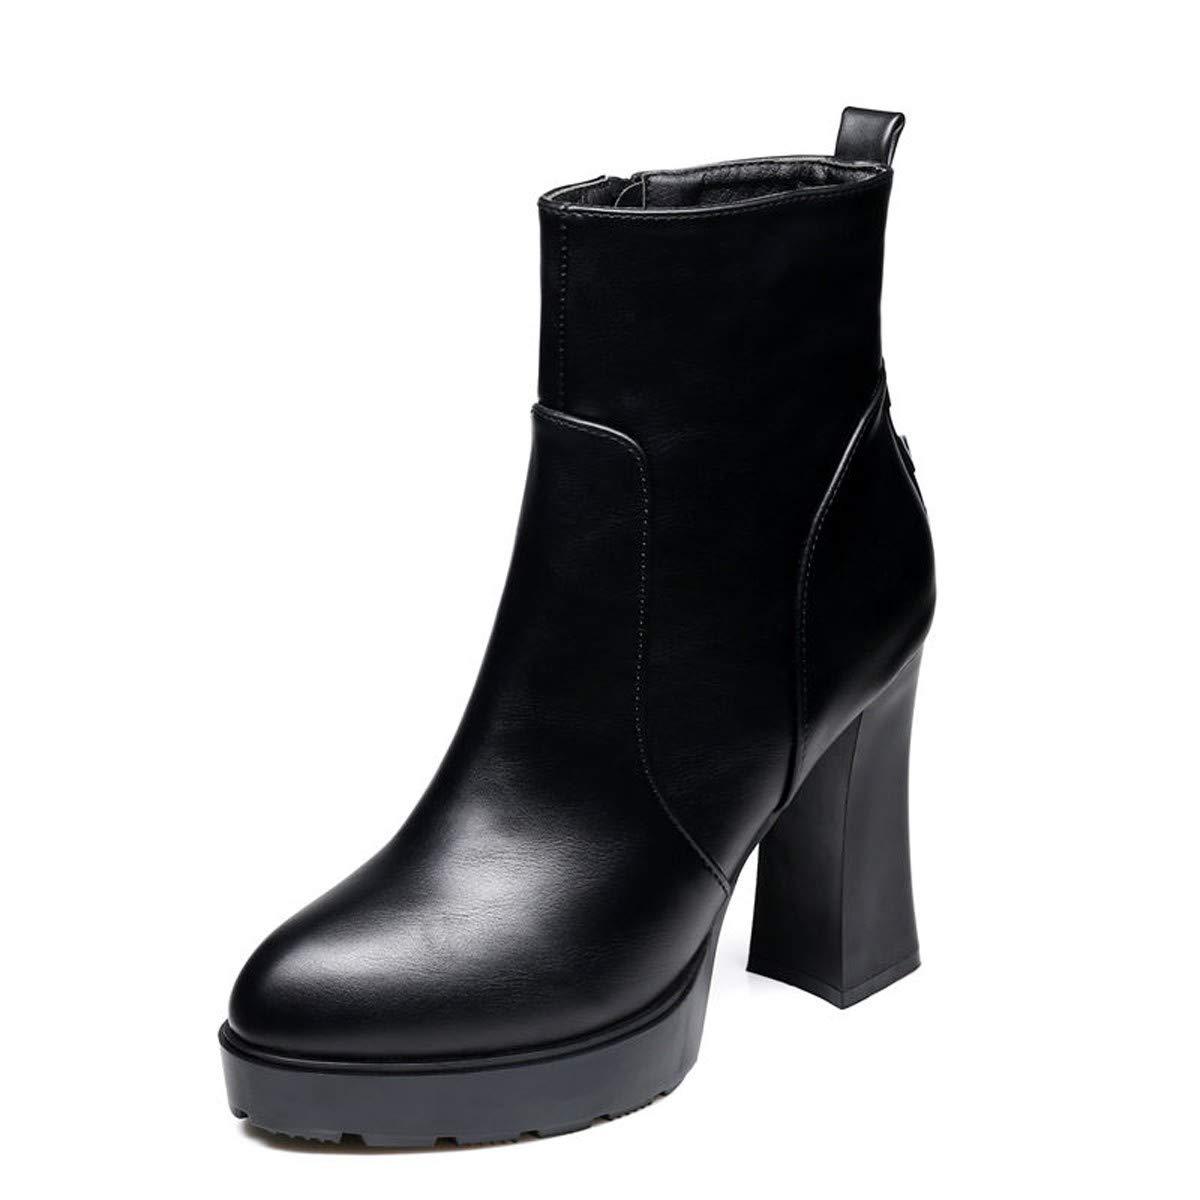 GTVERNH Frauen Schuhe 10Cm Super - High - Heels Dicke Schuhe Wasserdichte Plattform Dicke Sohle Kurze Stiefel Winter Frauen - Stiefel England Velveted Martin Ist Leer - Stiefel